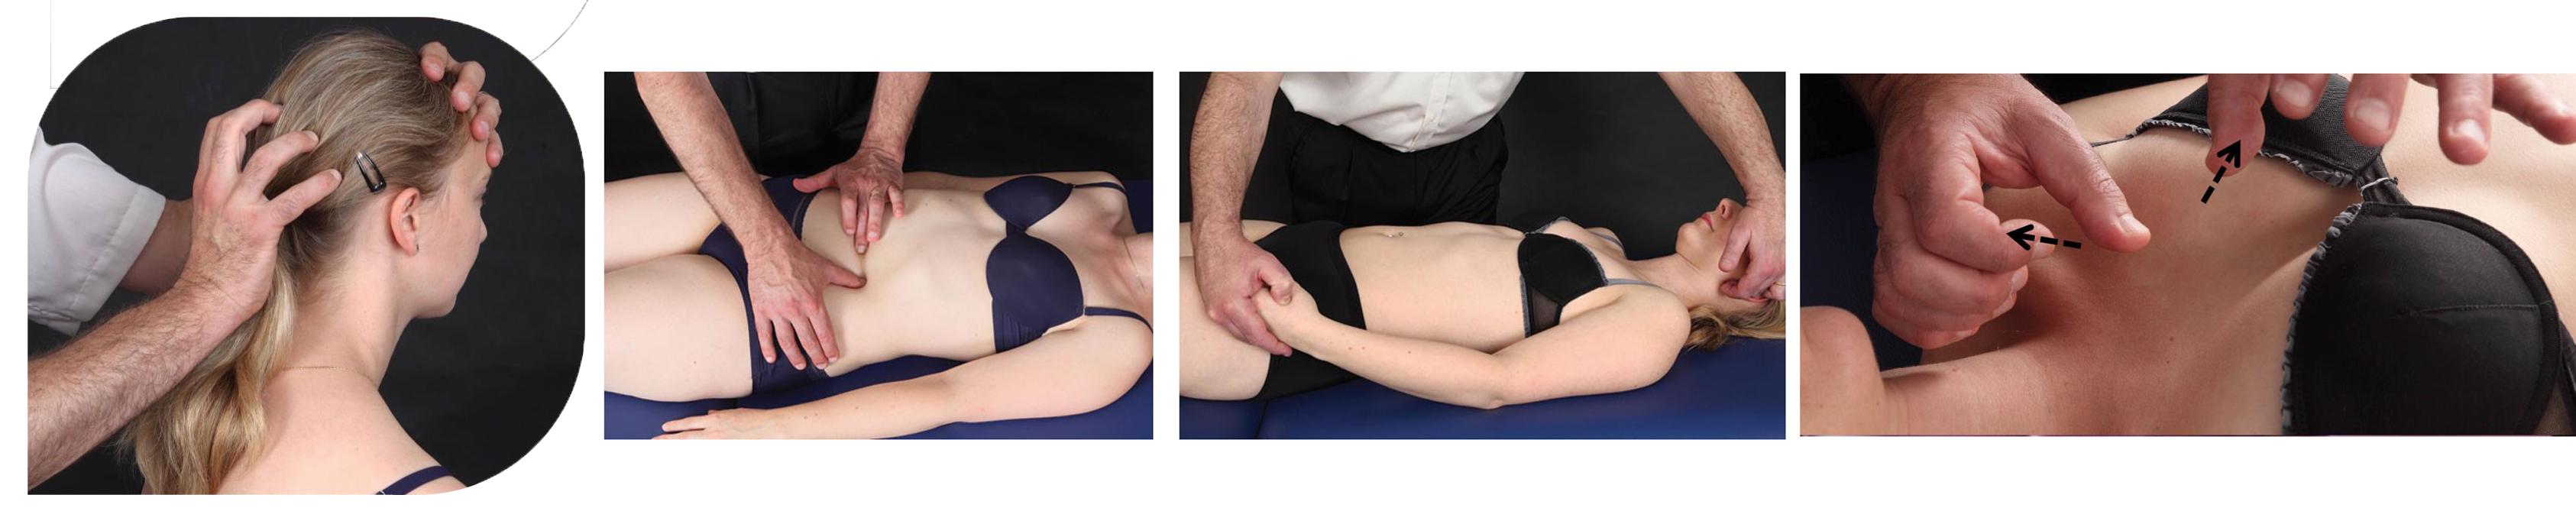 Traitements d'ostéopathie